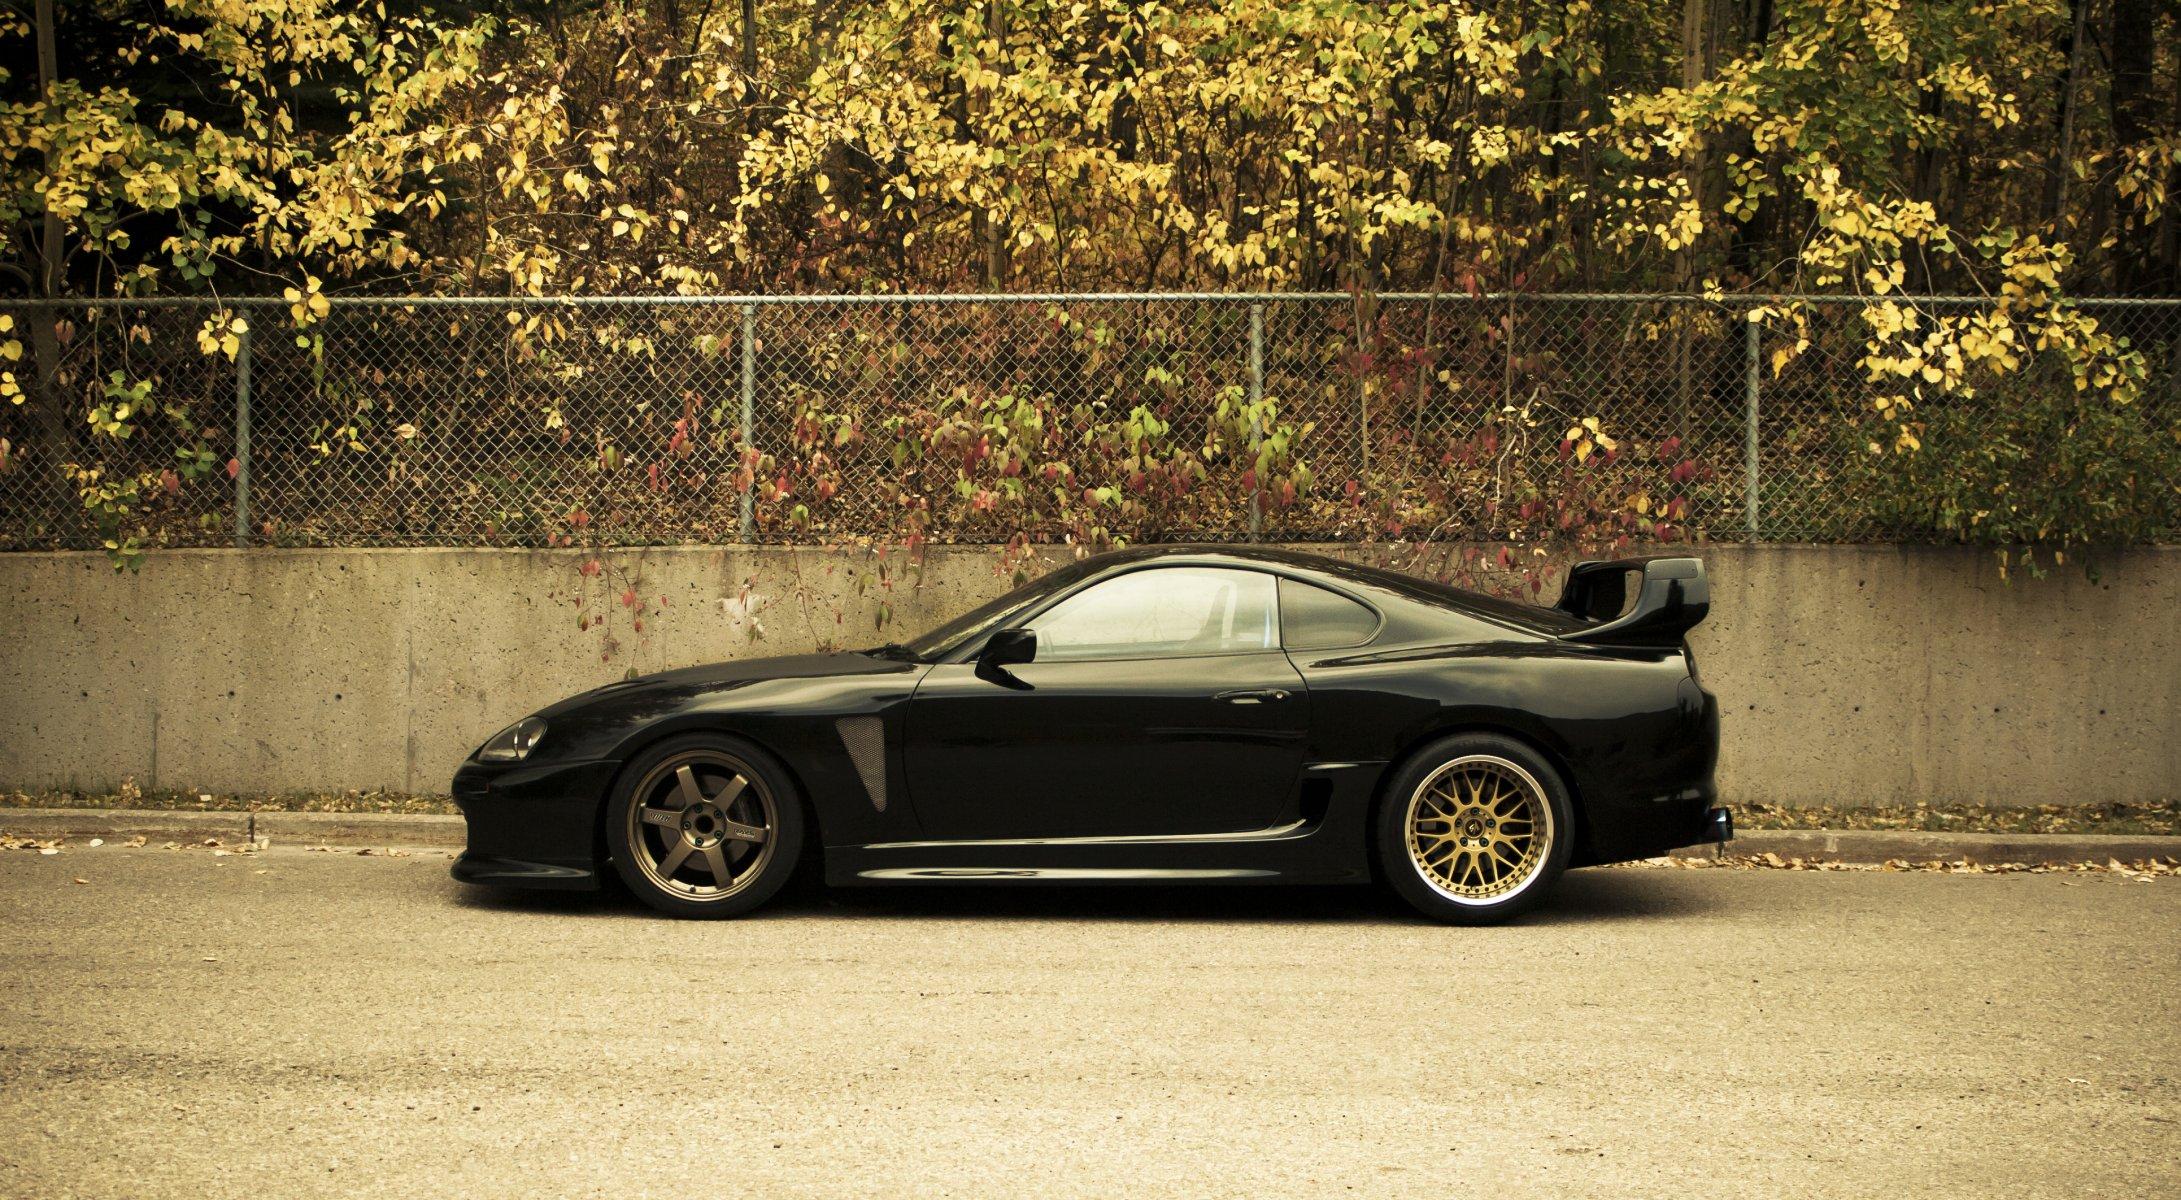 черный автомобиль toyota supra black car бесплатно